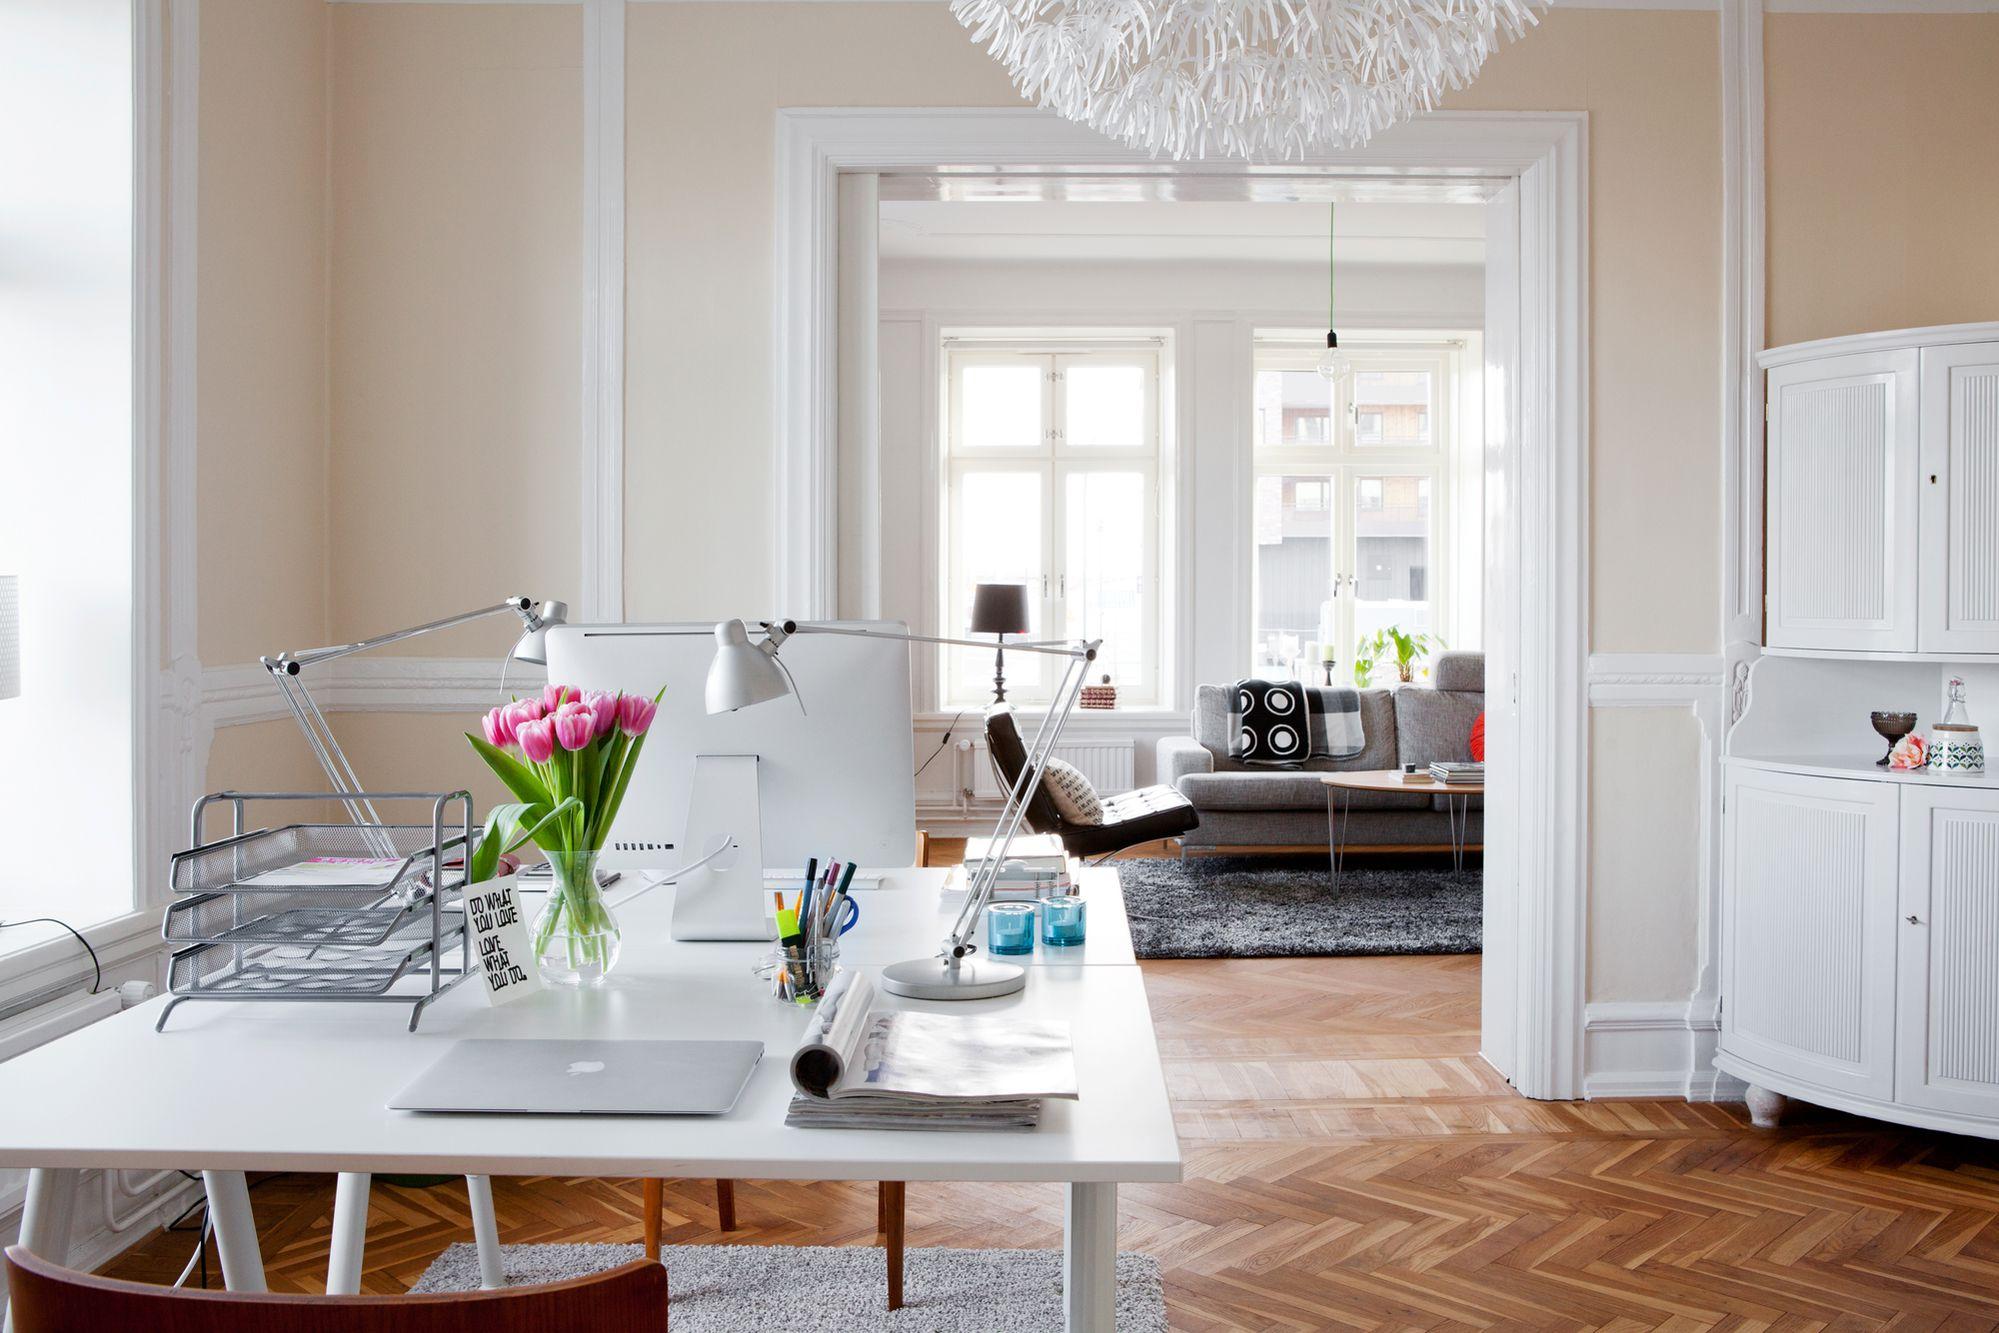 Oficina para dos en el coraz n de la casa blog for Decoracion oficinas y despachos